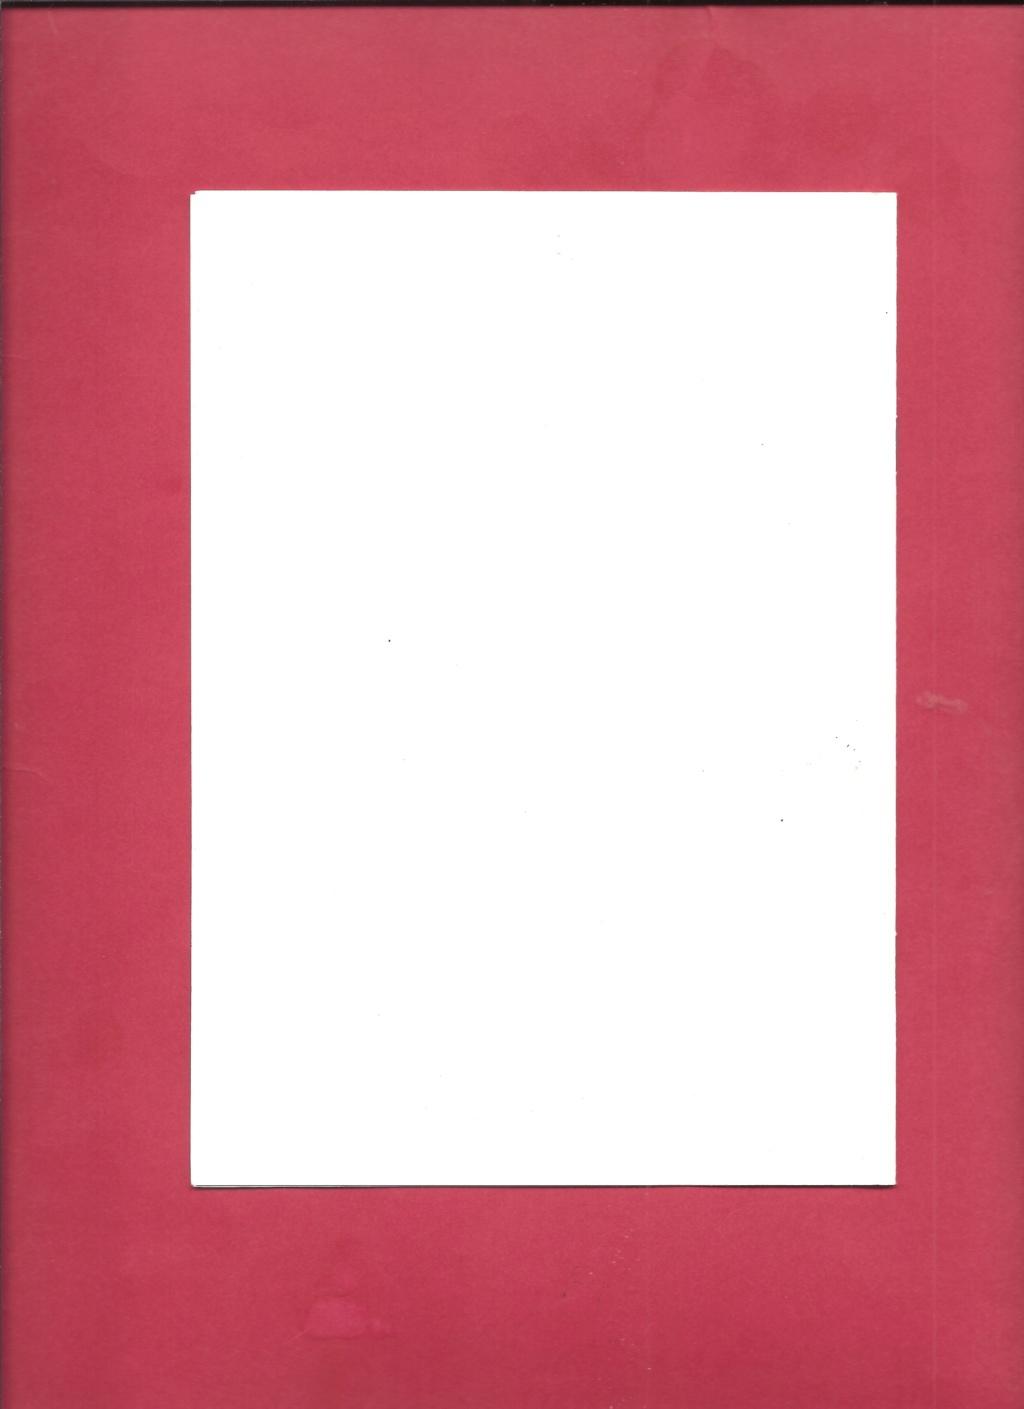 DASSAULT RAFALE 1/72ème Réf 60352 Notice Helle552